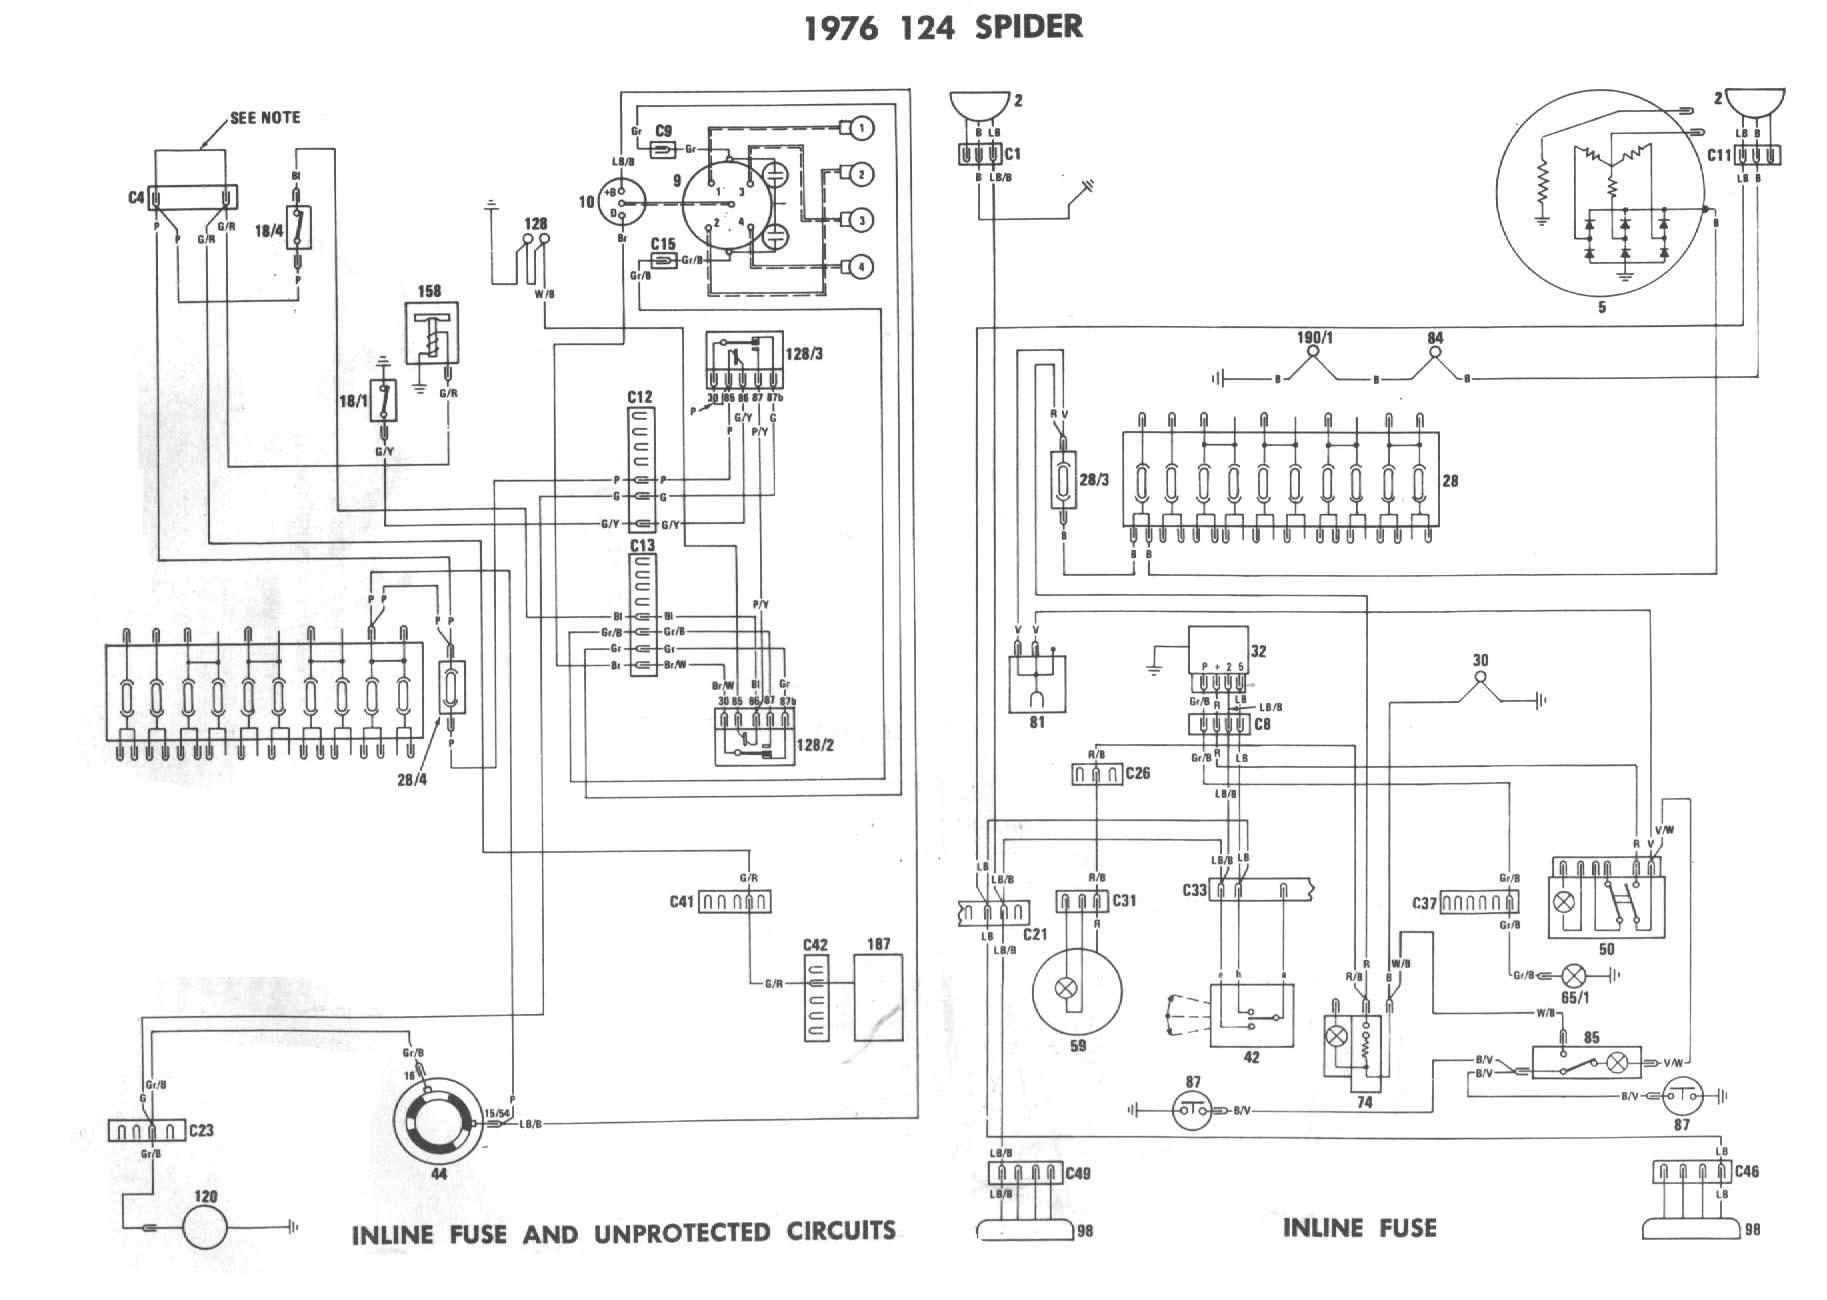 1976 fiat 124 spider wiring diagram